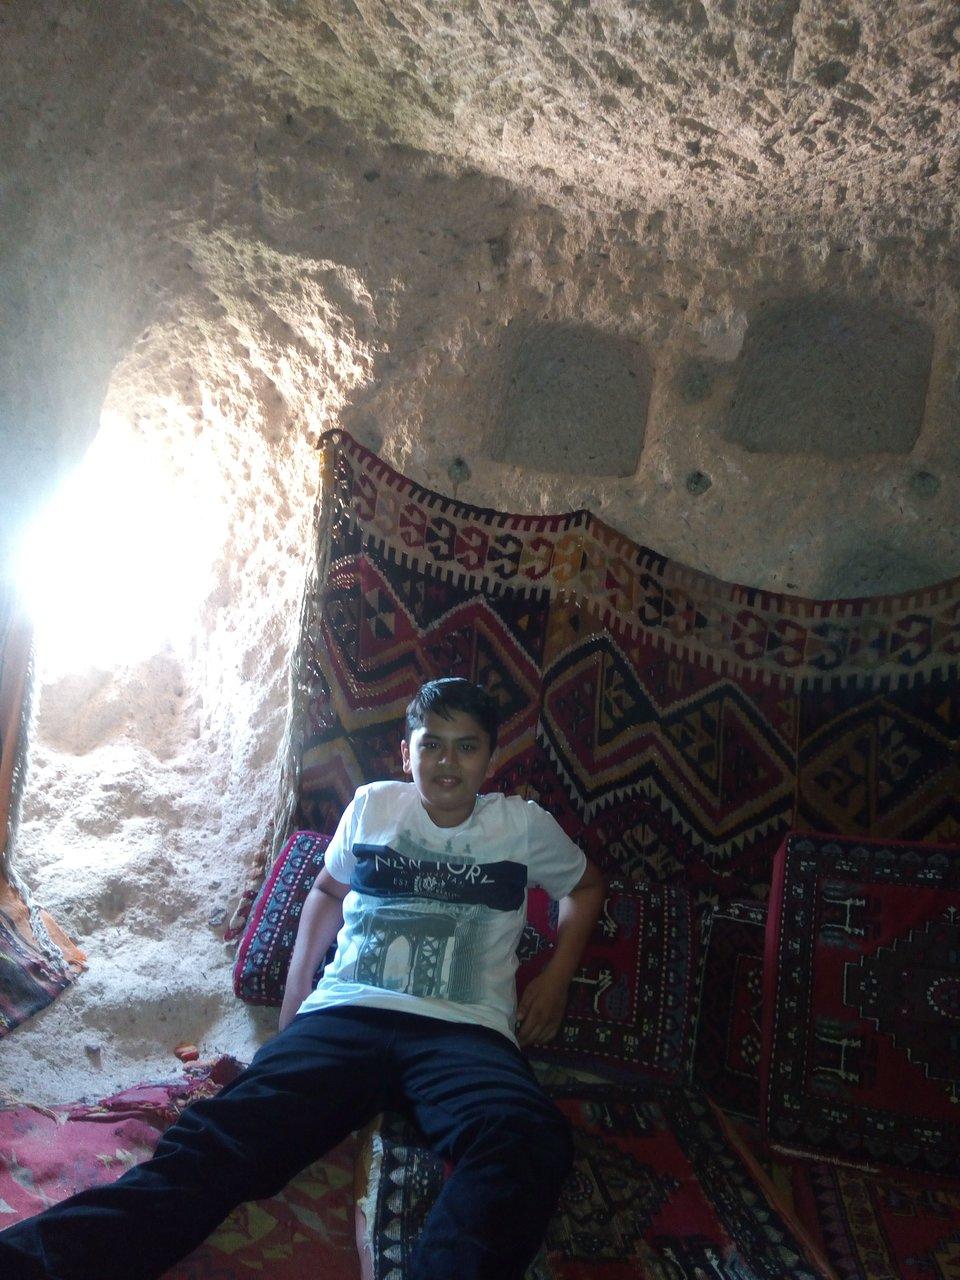 Peri Cafe Cave Man Uchisar Peri Cafe Cave Man Yorumlari